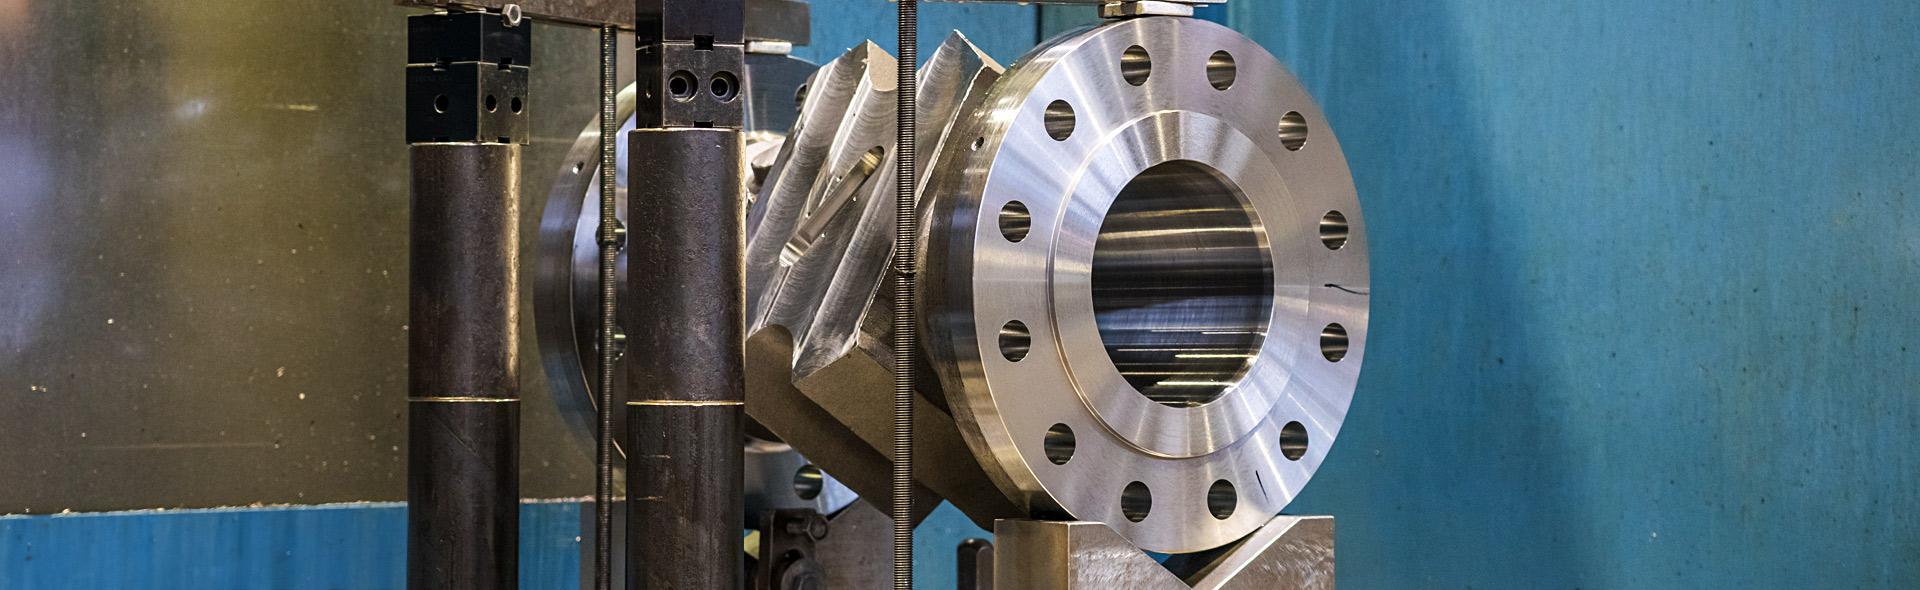 Leistung Bohrwerksarbeiten | Maschinenbau Mundil